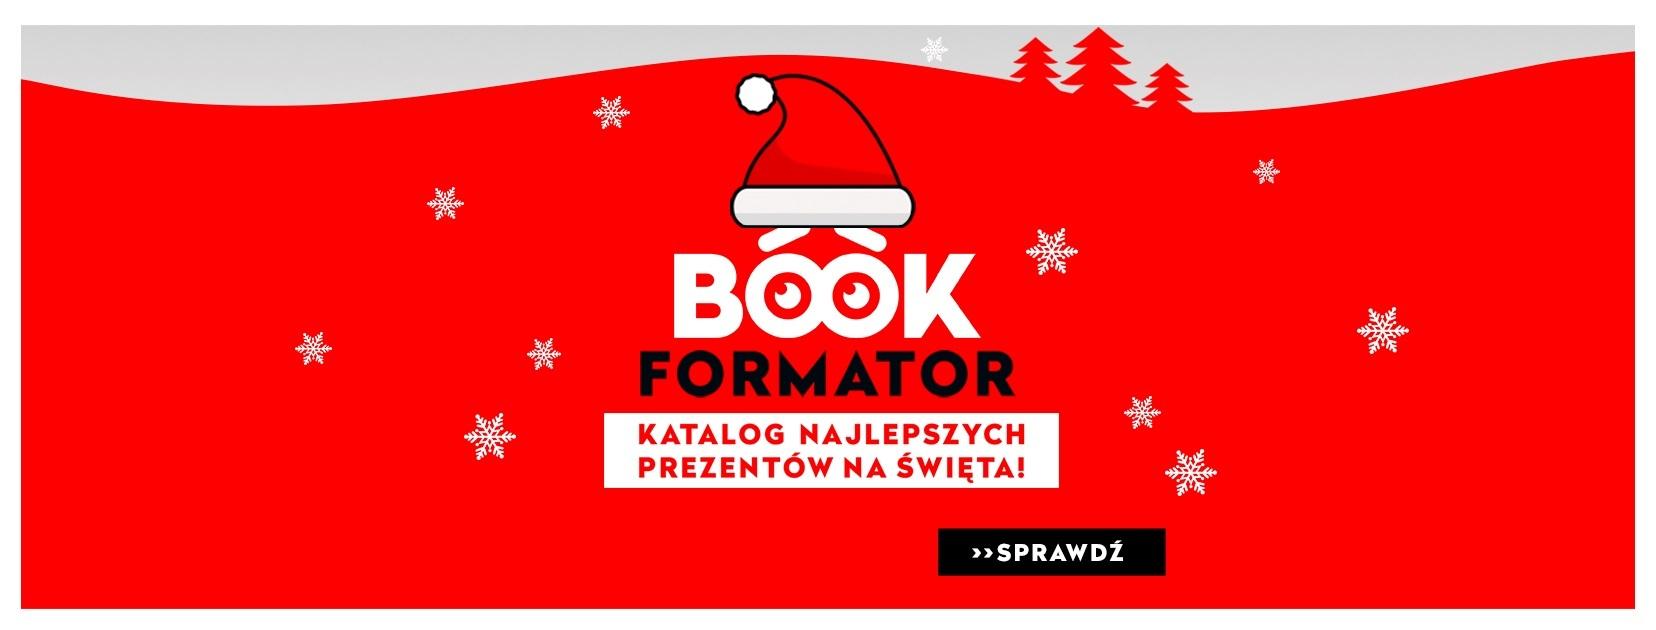 Złap za darmo świąteczny BookFormator >>